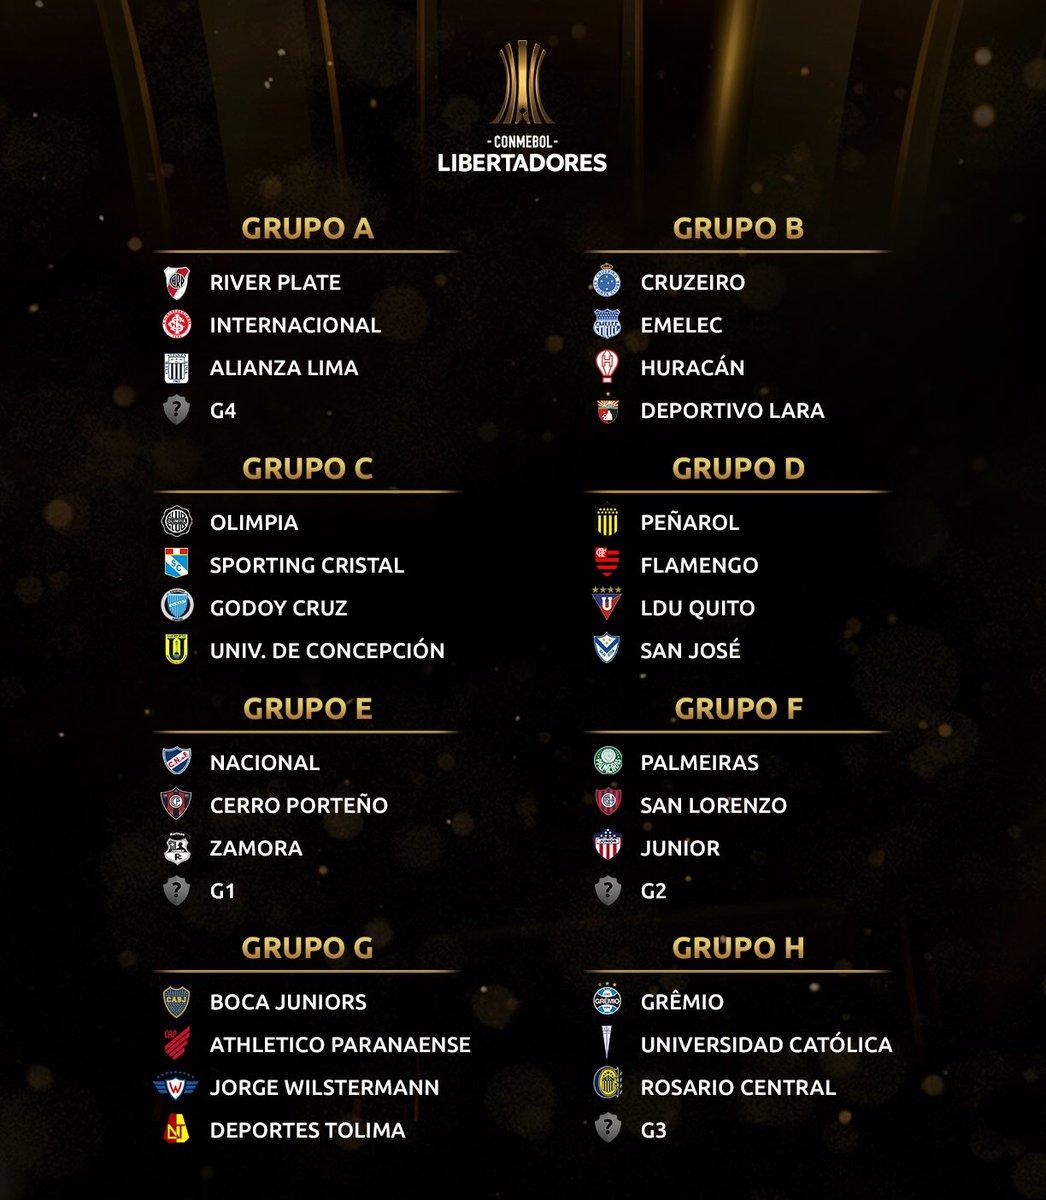 Grupos da Libertadores 2019